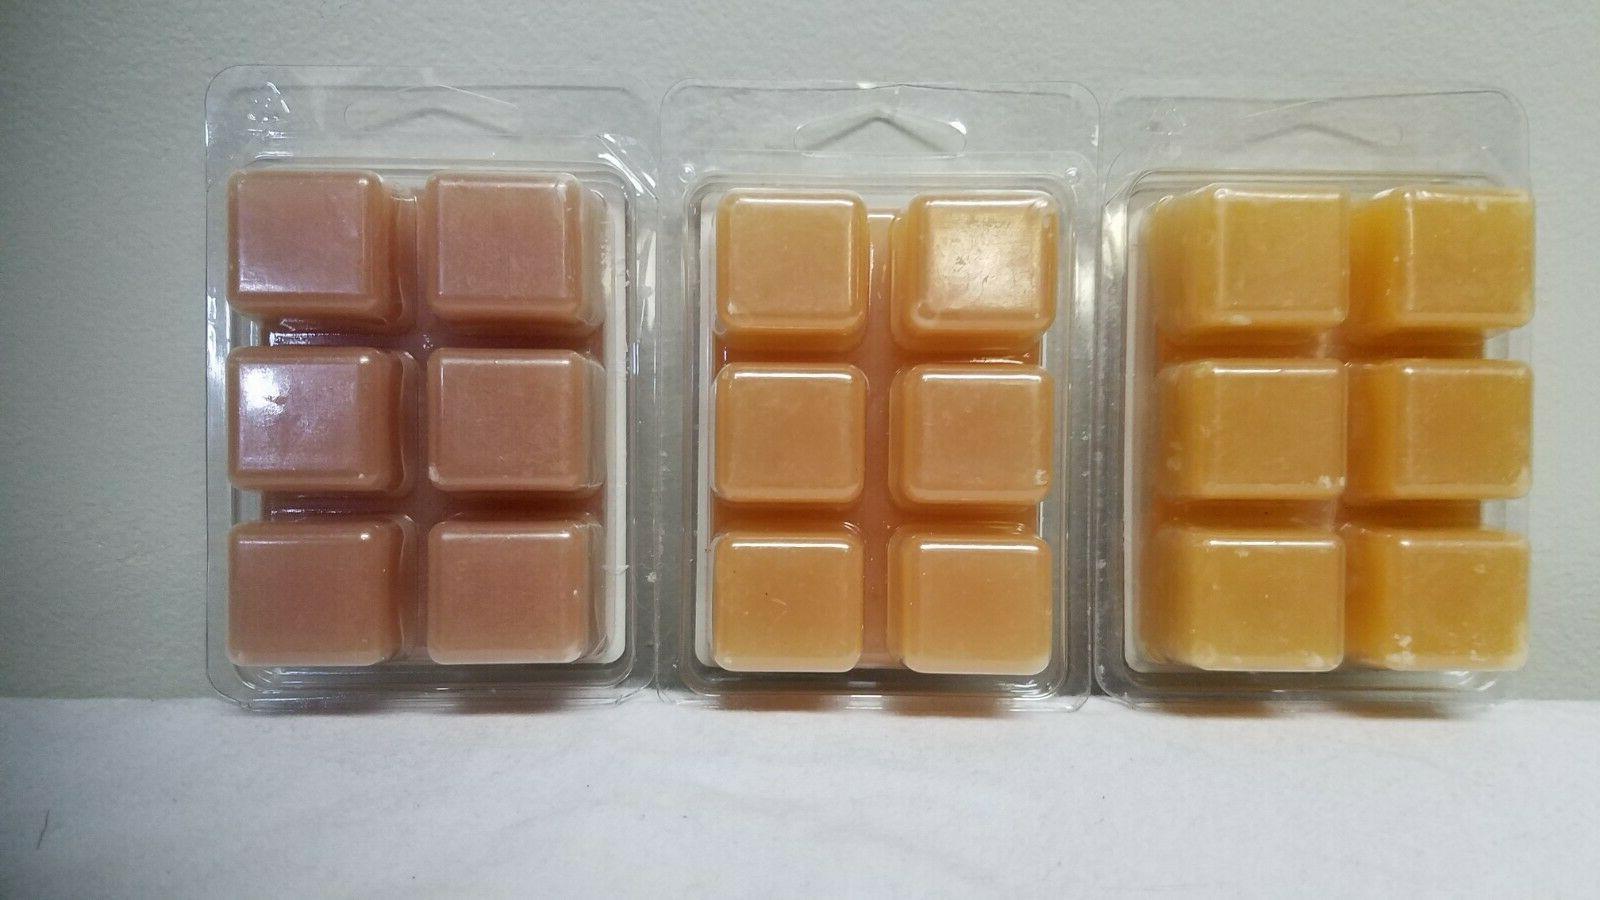 ScentSationals Pumpkin Muffins Wax Melts